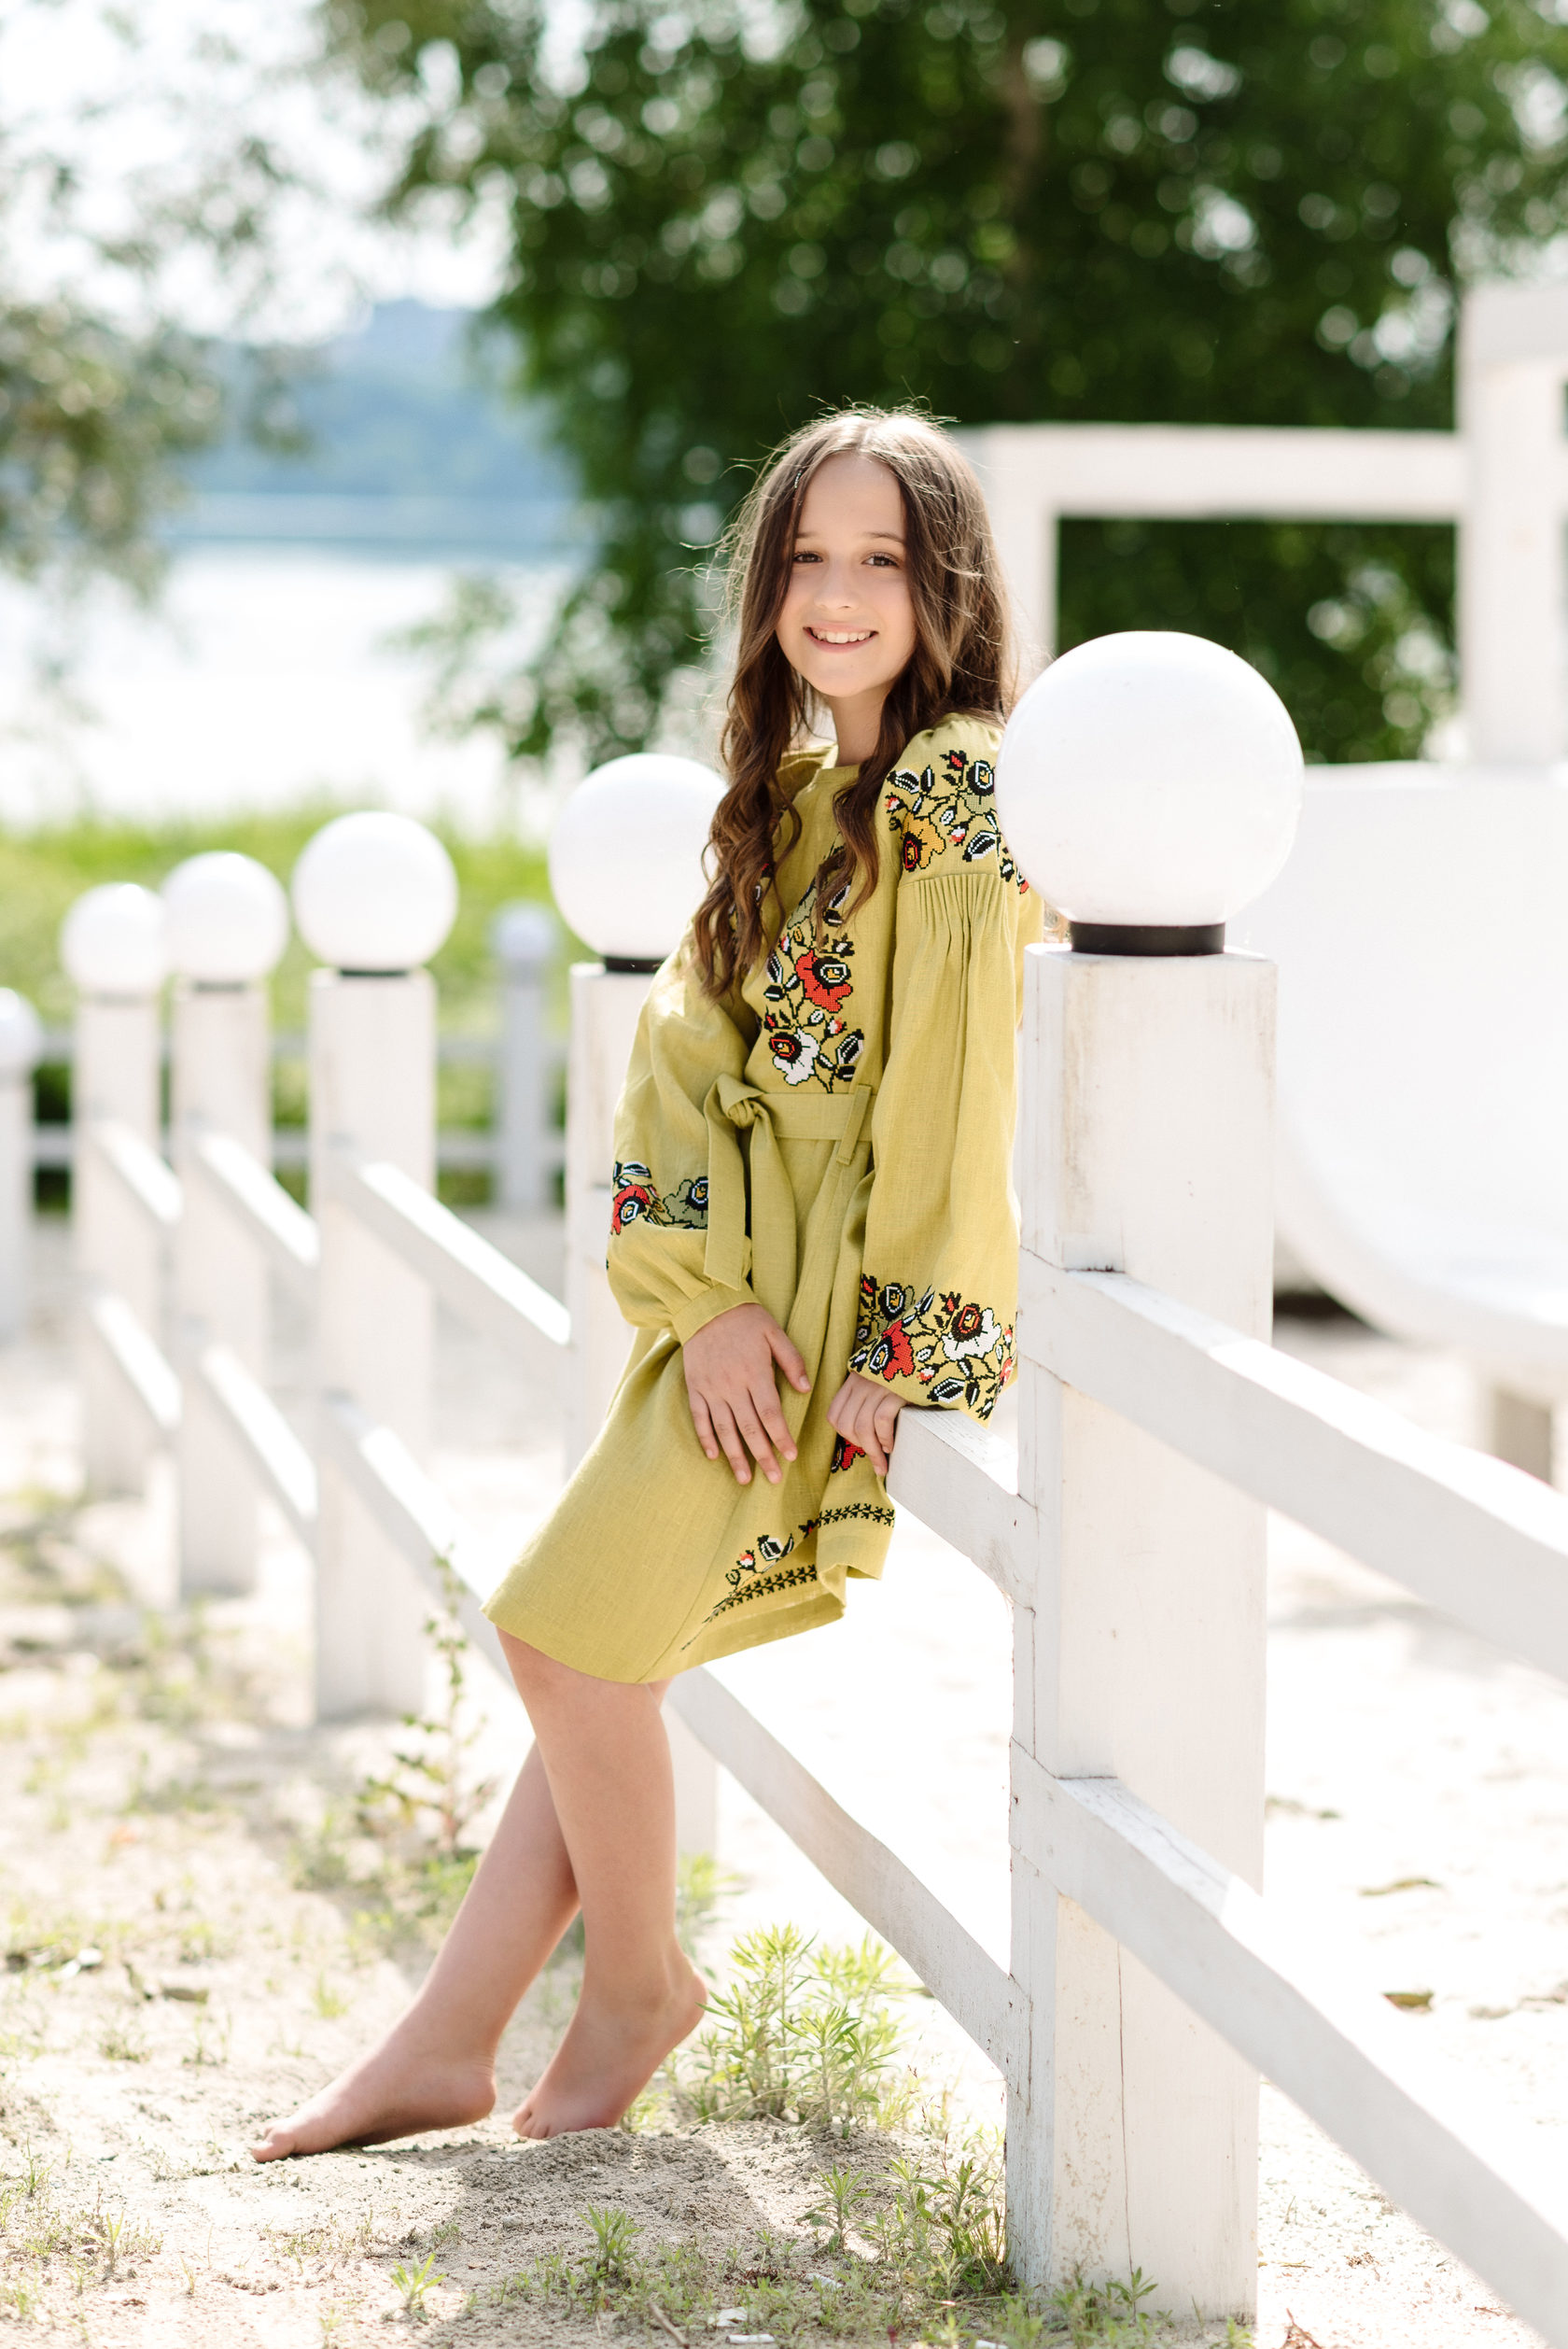 Гірчична дитяча вишита сукня з квітковим орнаментом 5940f0adbce0b